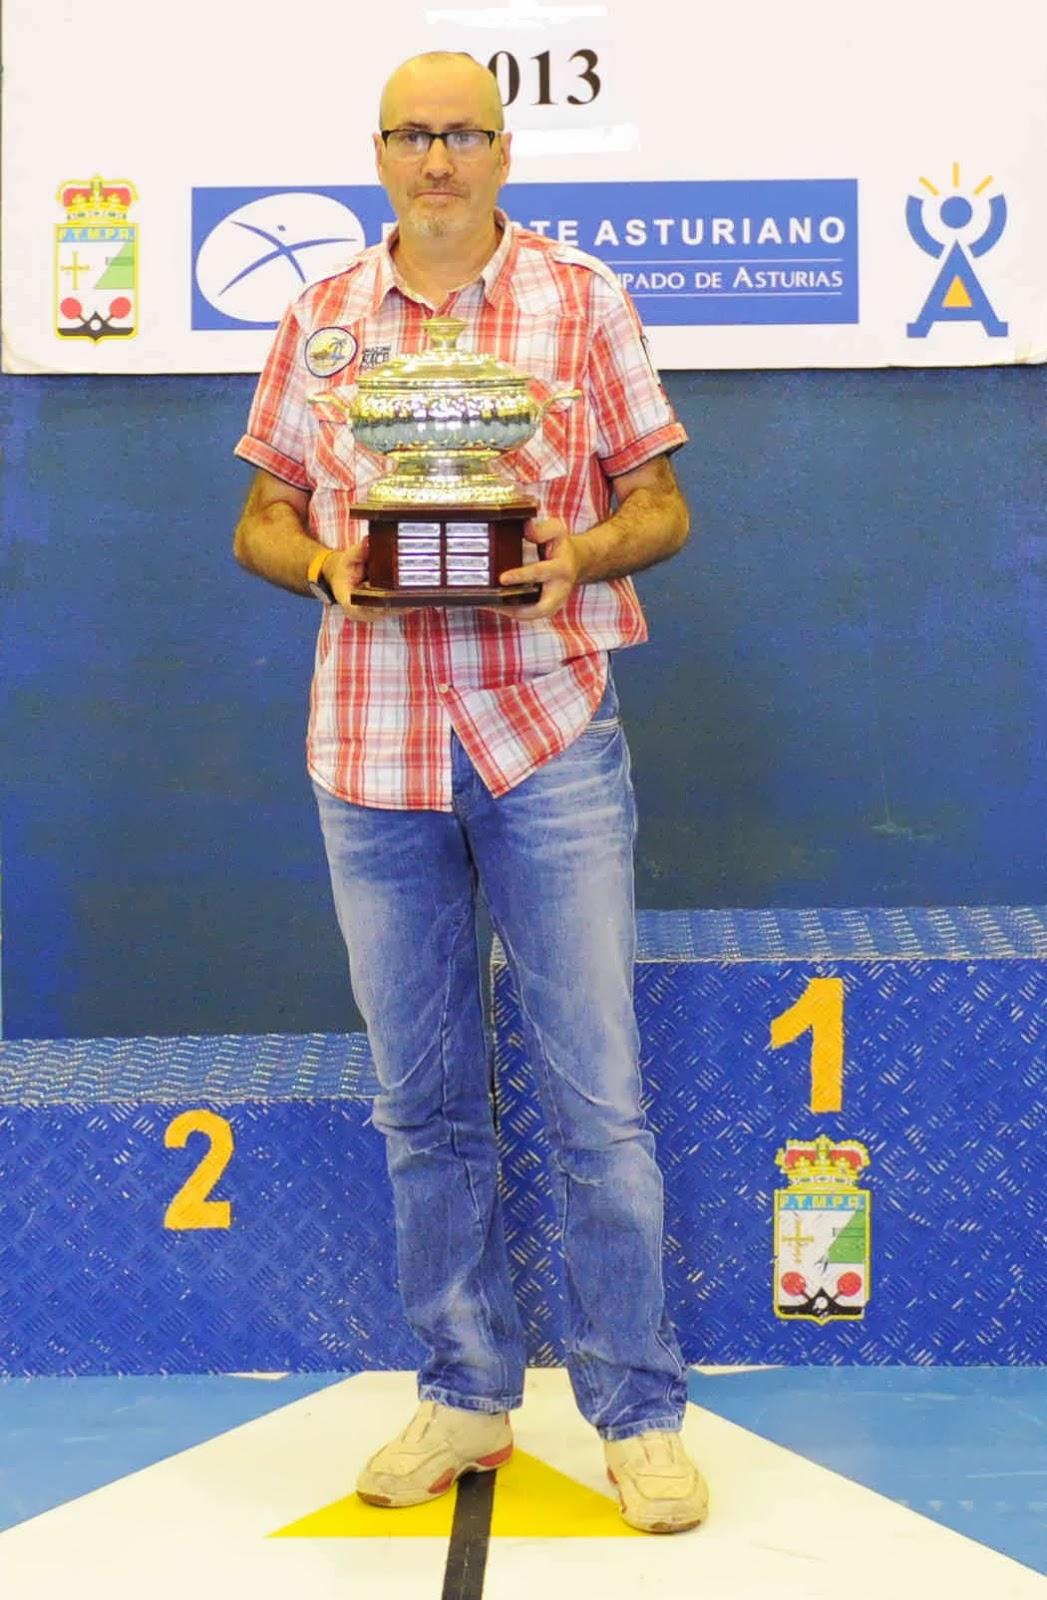 Avil s tenis de mesa resultados del top asturias - Aviles tenis de mesa ...